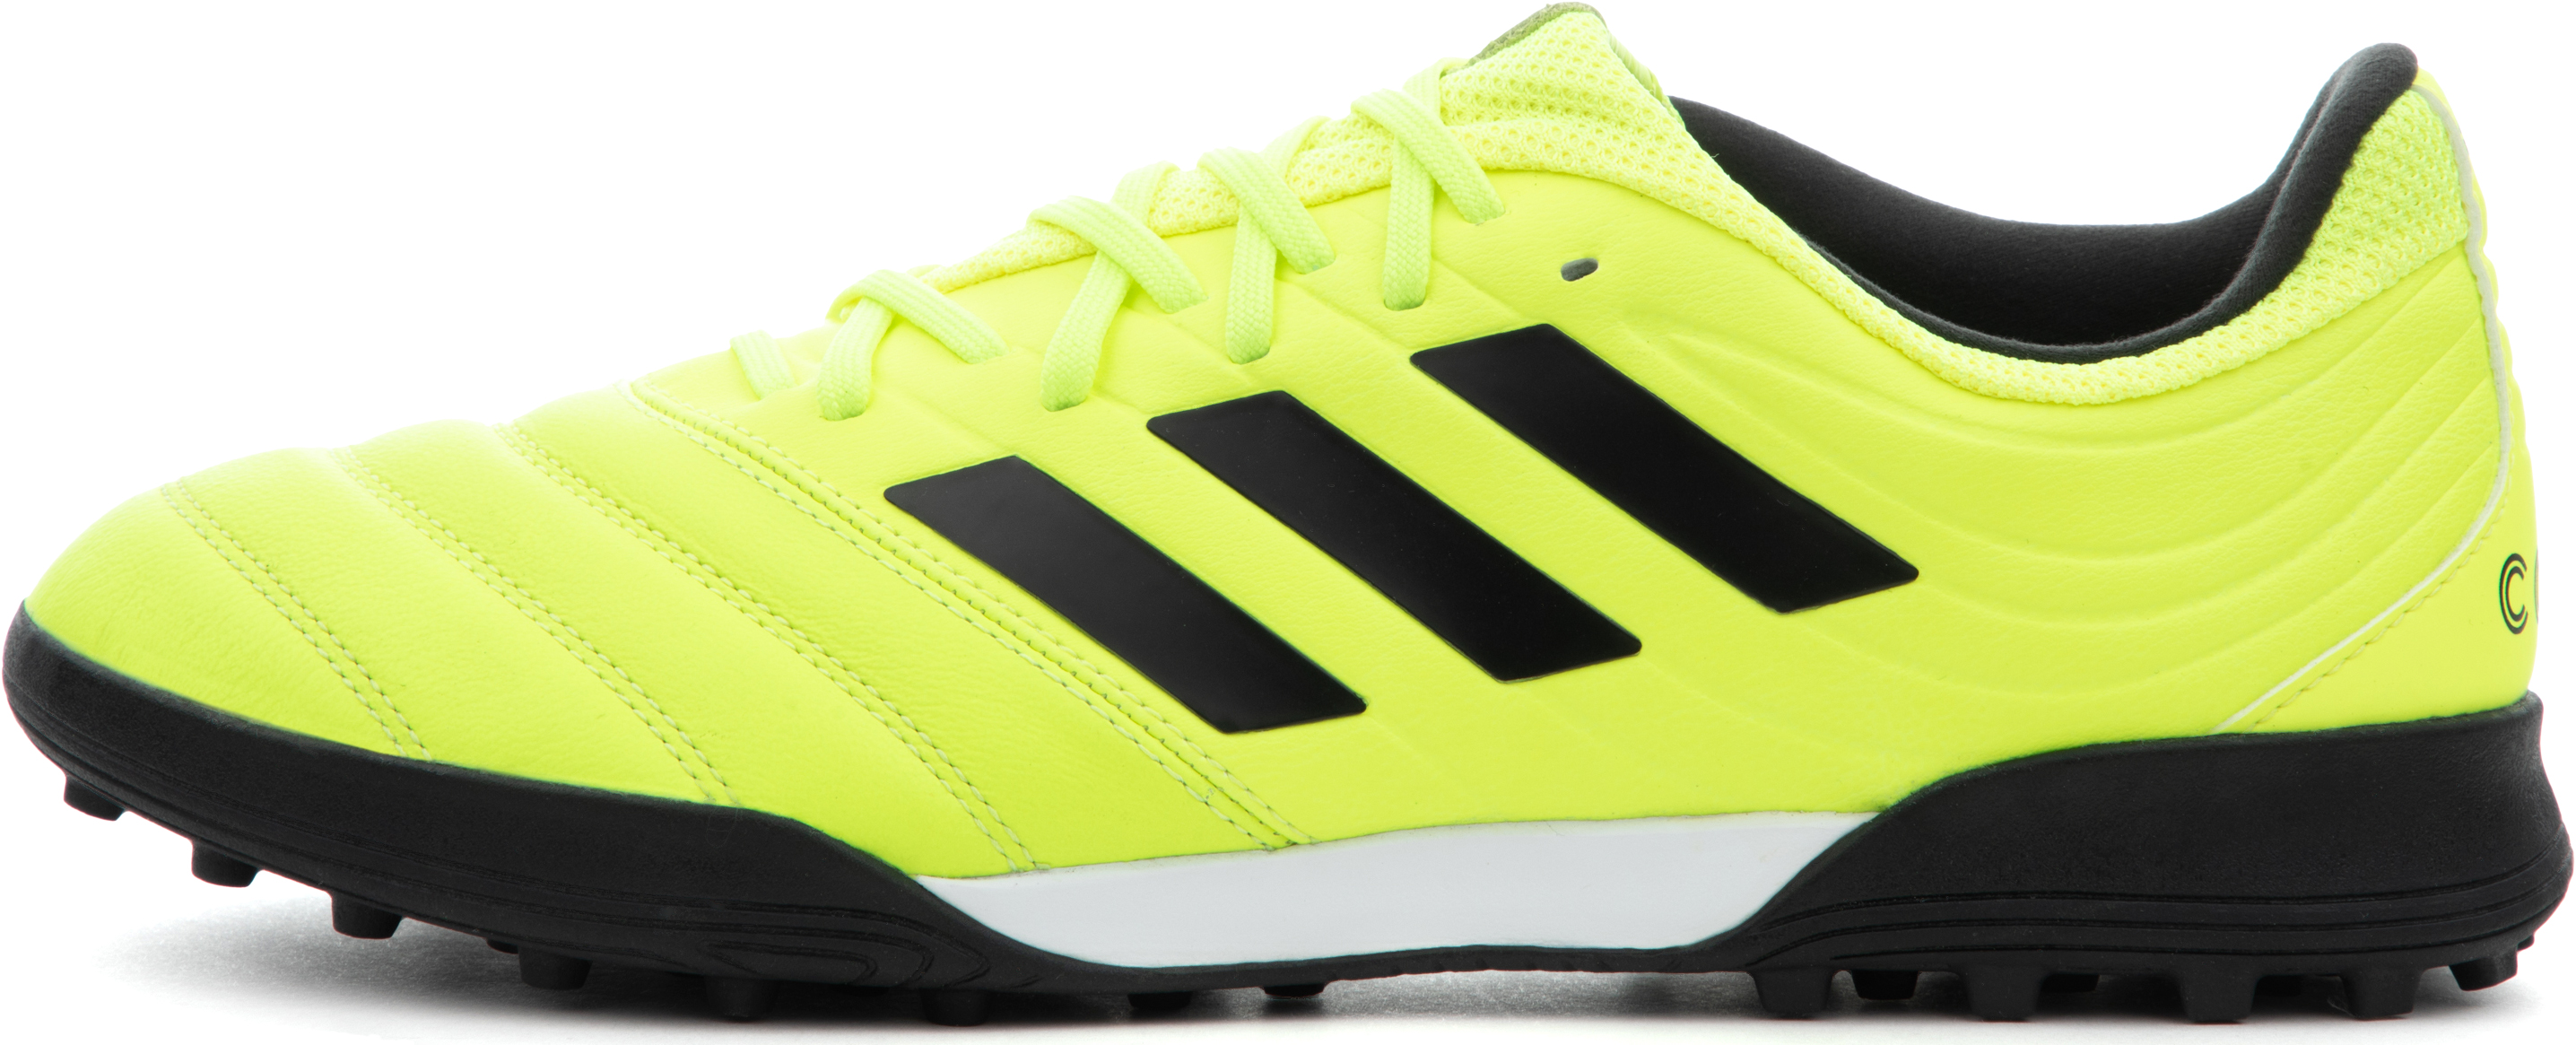 Adidas Бутсы мужские Copa 19.3 TF, размер 44